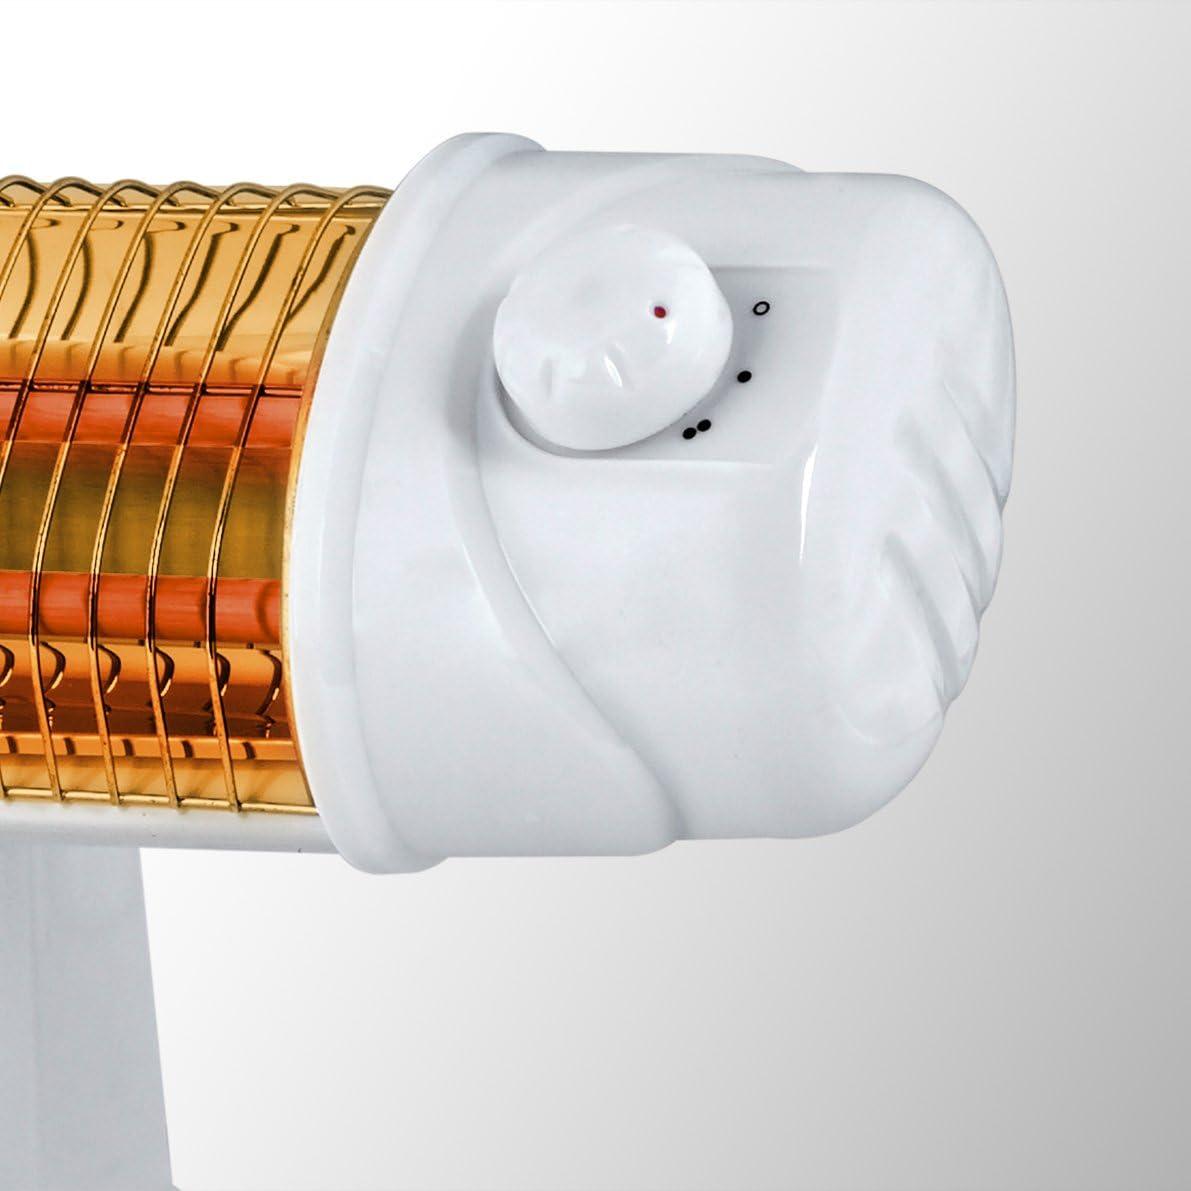 Comparativa radiadores de cuarzo más vendidos